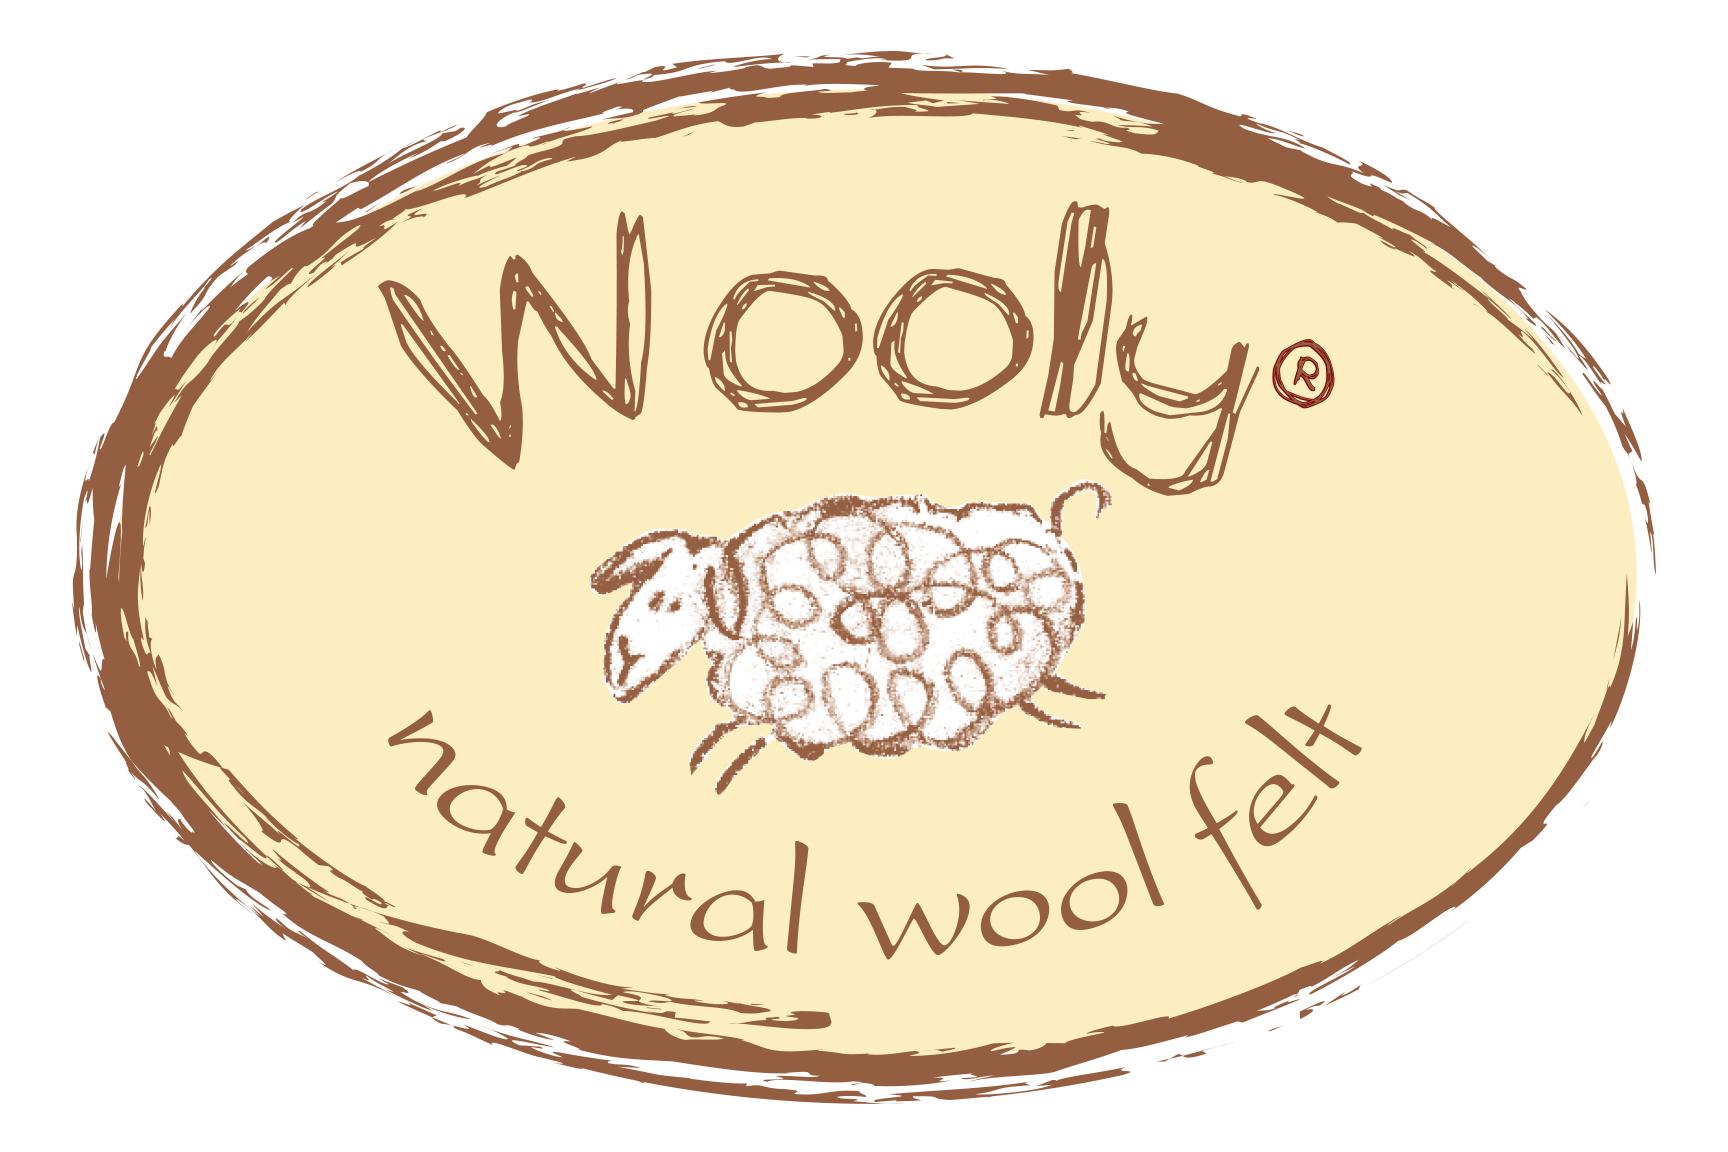 wooly ovale.jpg